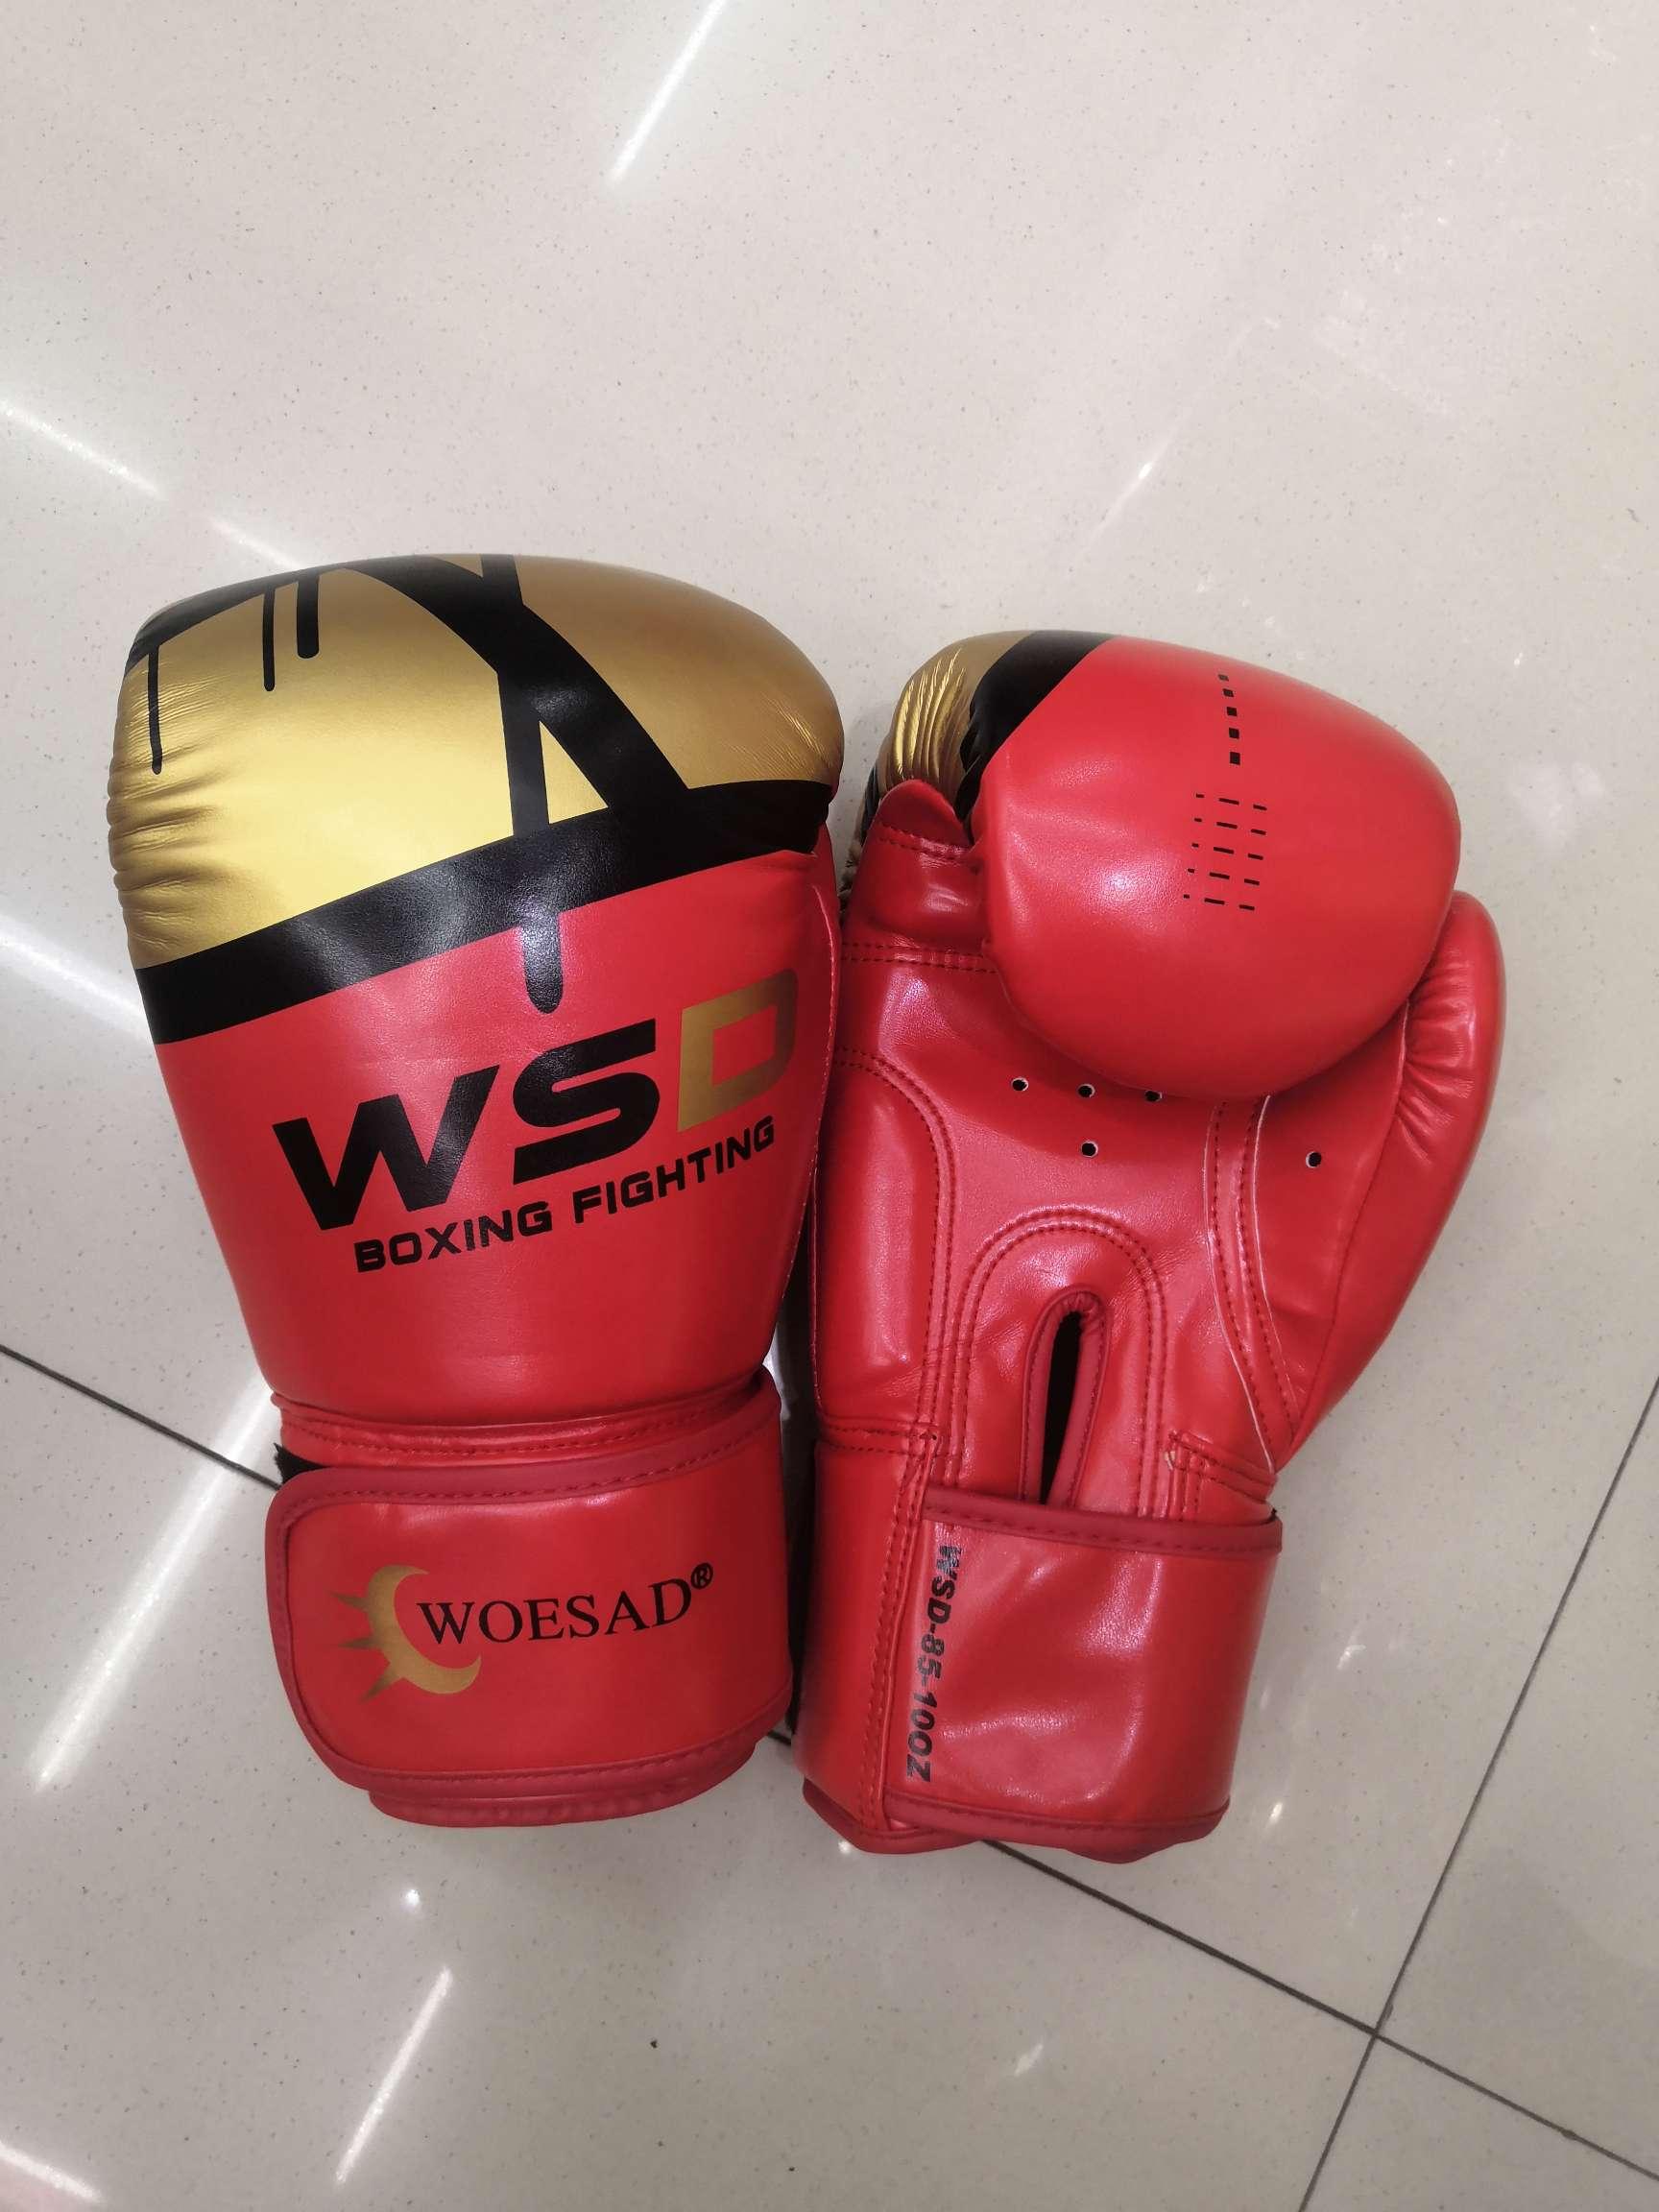 散打训练,拳击手套WSD品牌